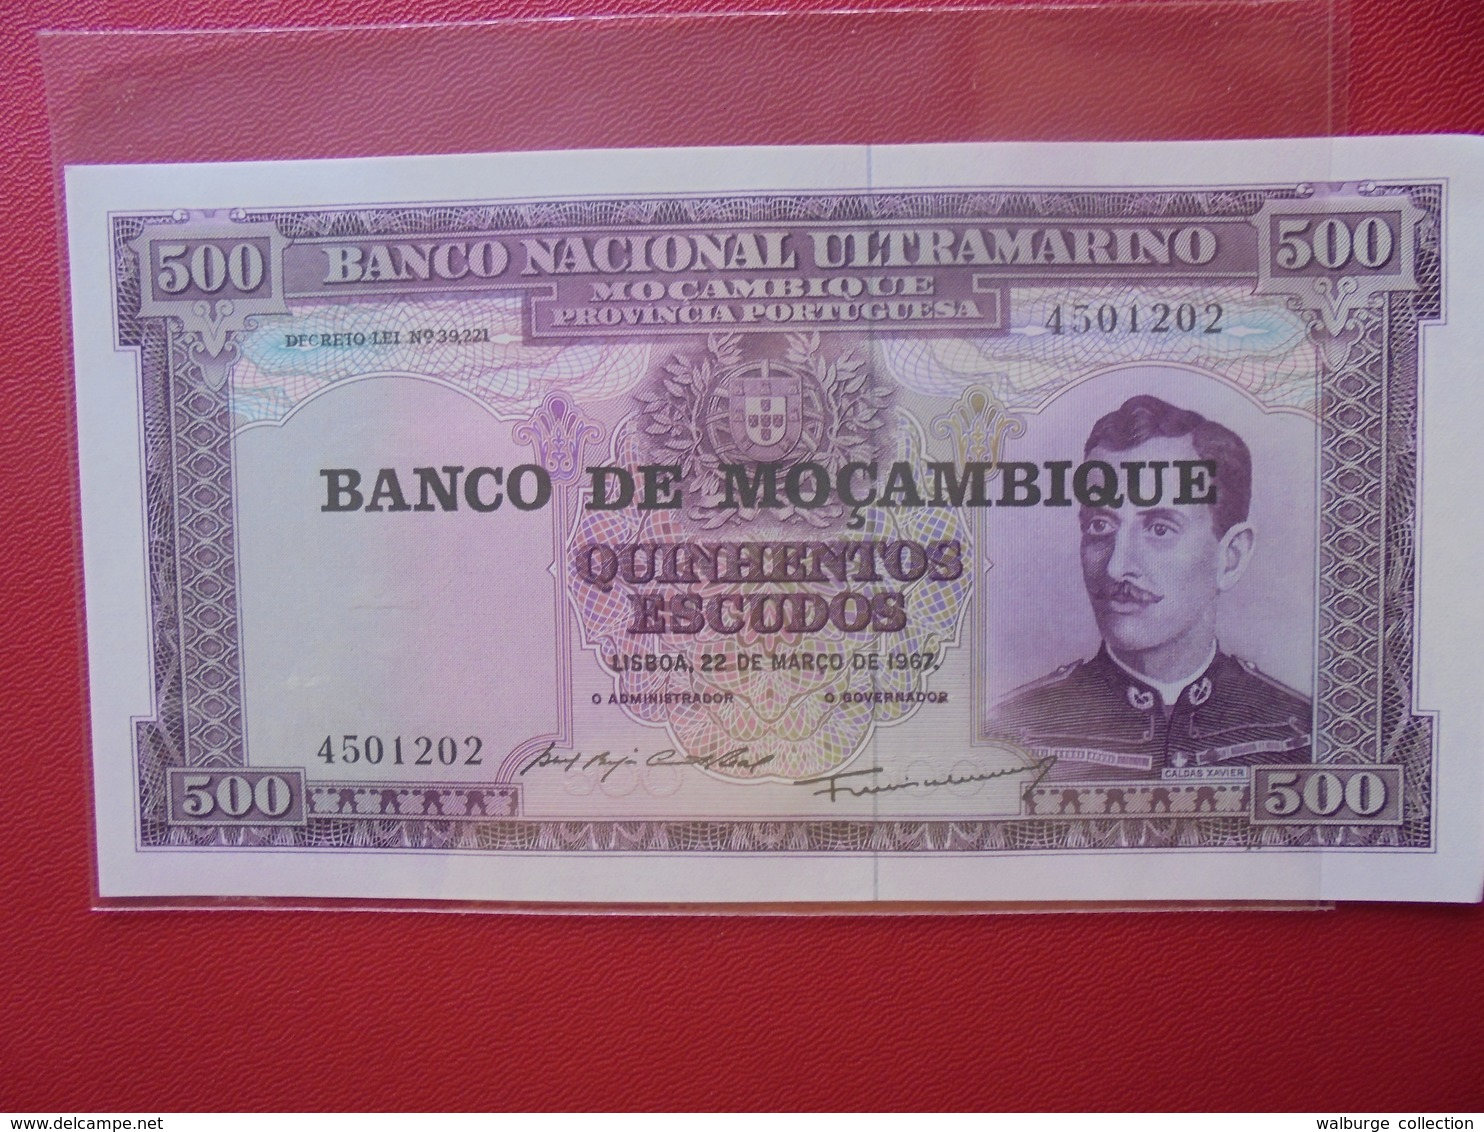 MOZAMBIQUE 500 ESCUDOS 1967 PEU CIRCULER/NEUF - Mozambique